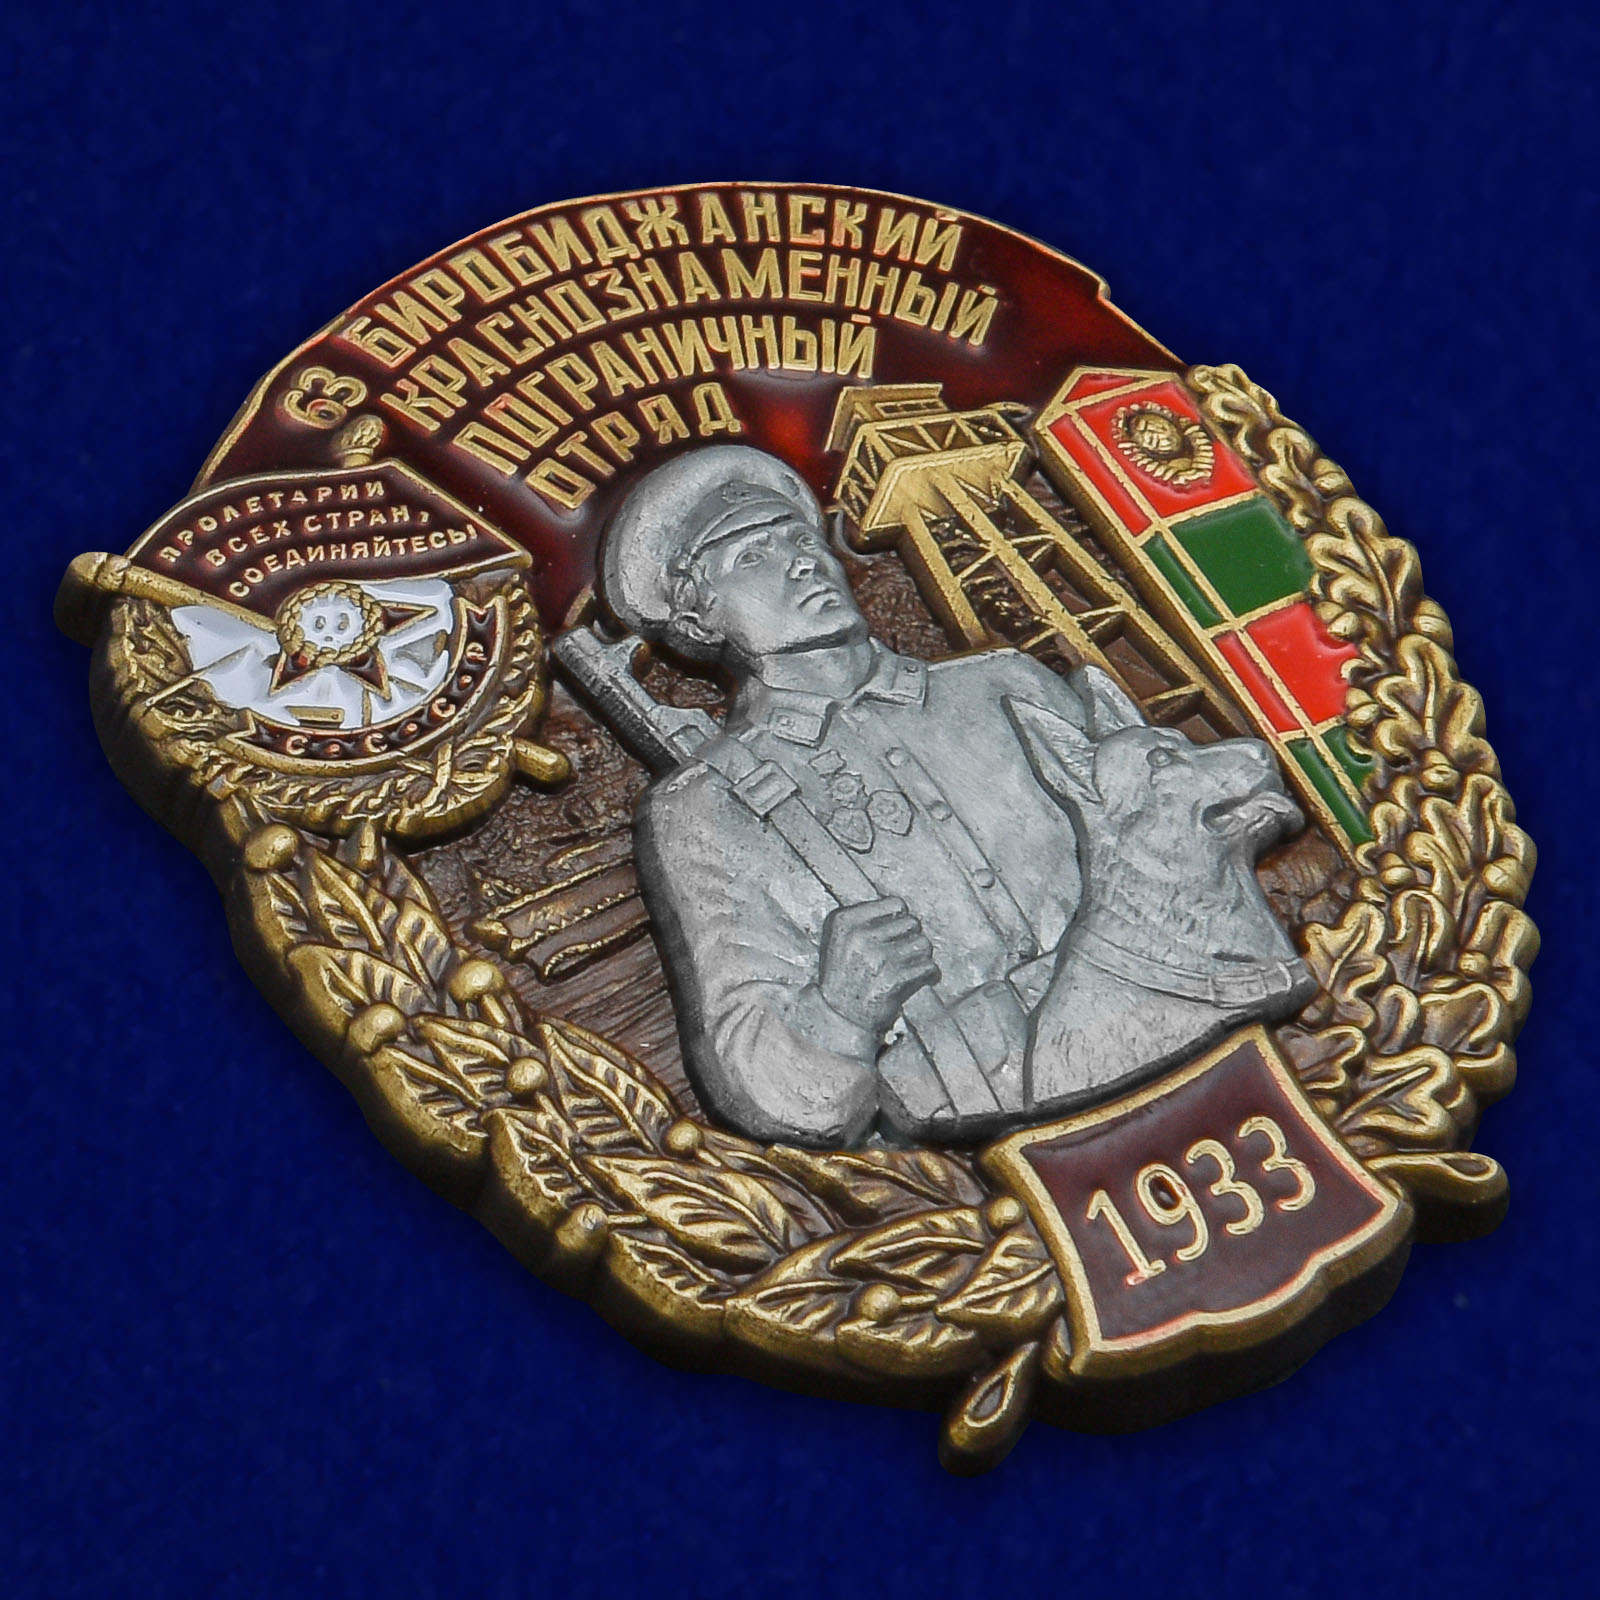 Латунный знак 63 Биробиджанский Краснознамённый Пограничный отряд - общий вид